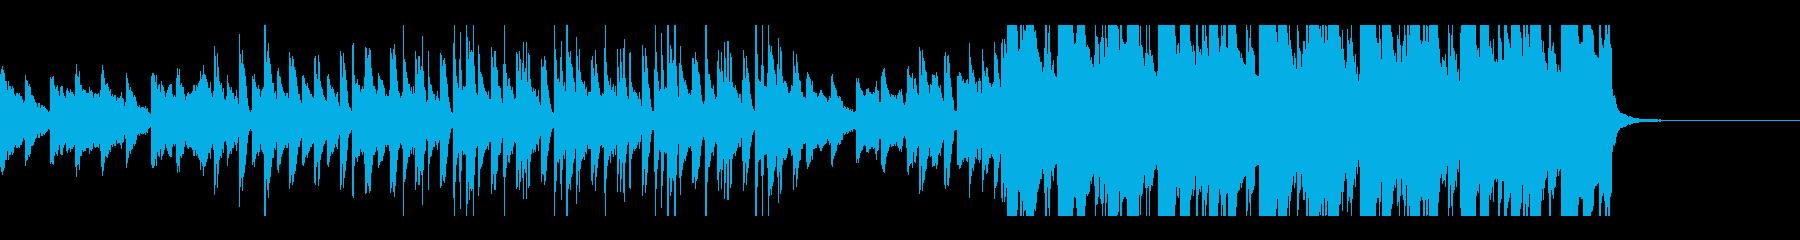 チルサウンドなビートの再生済みの波形